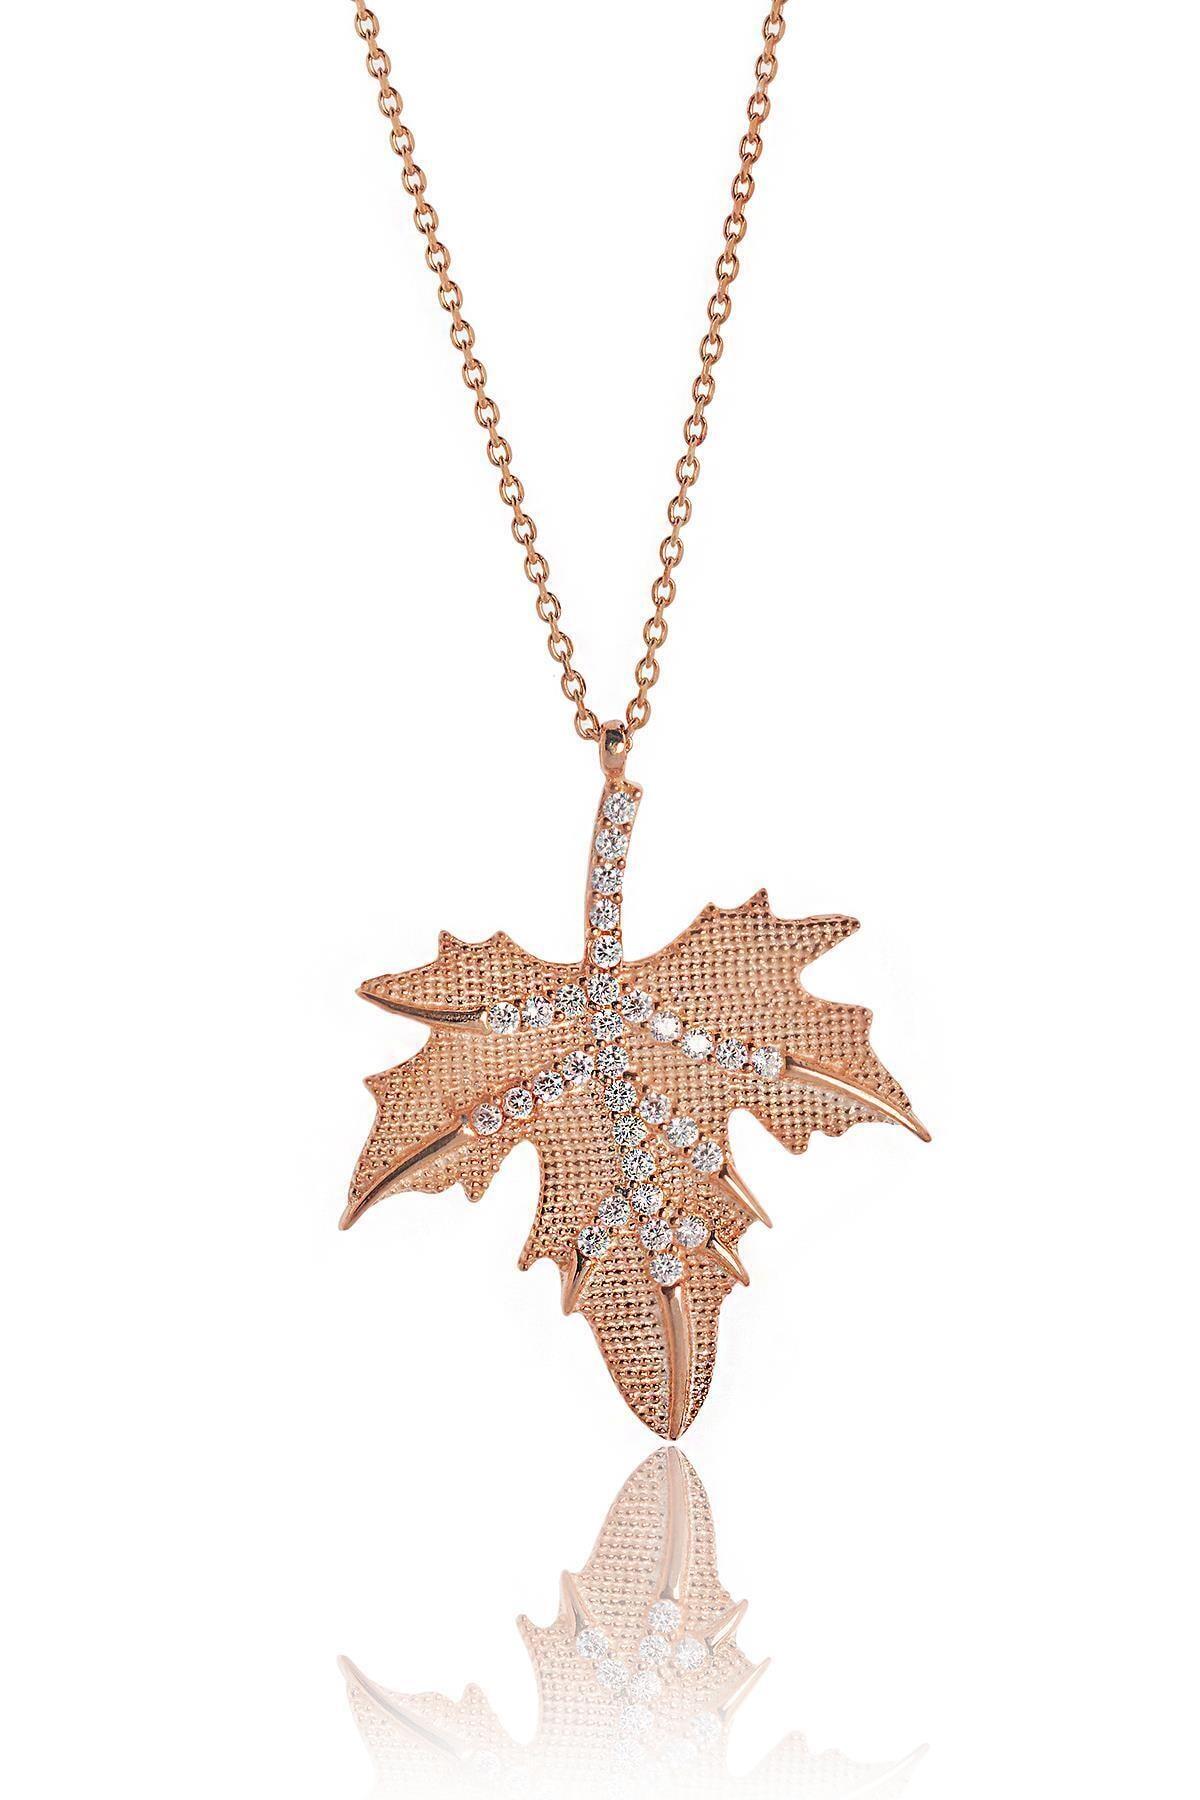 BY BARUN SİLVER Kadın Pembe Çınar Ağacı Yaprağı Gümüş Kolye 2